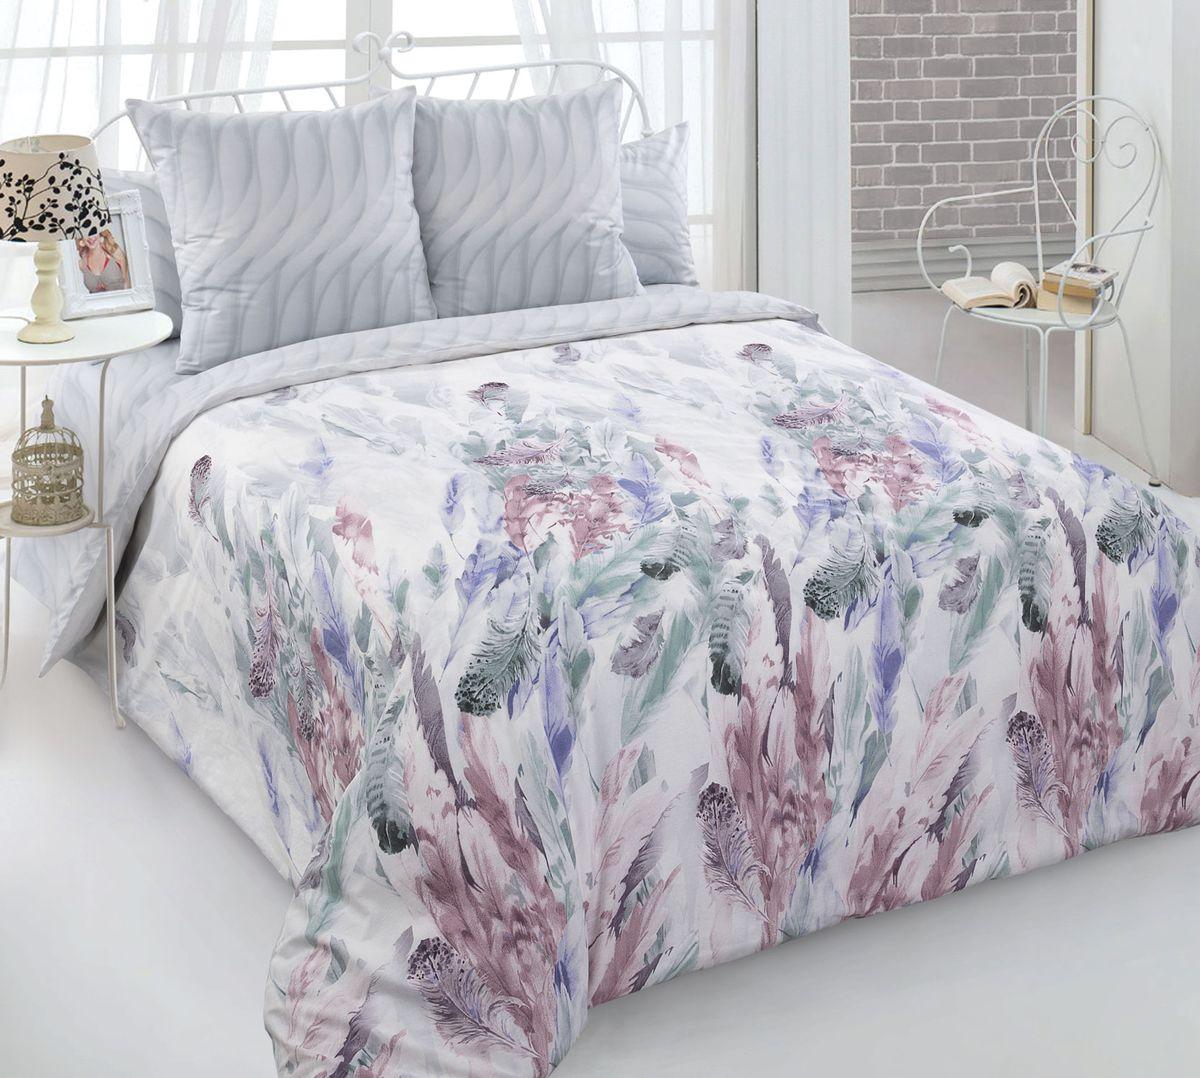 Комплект постельного белья 2-спальный с Евро простыней, перкаль (Легкость)